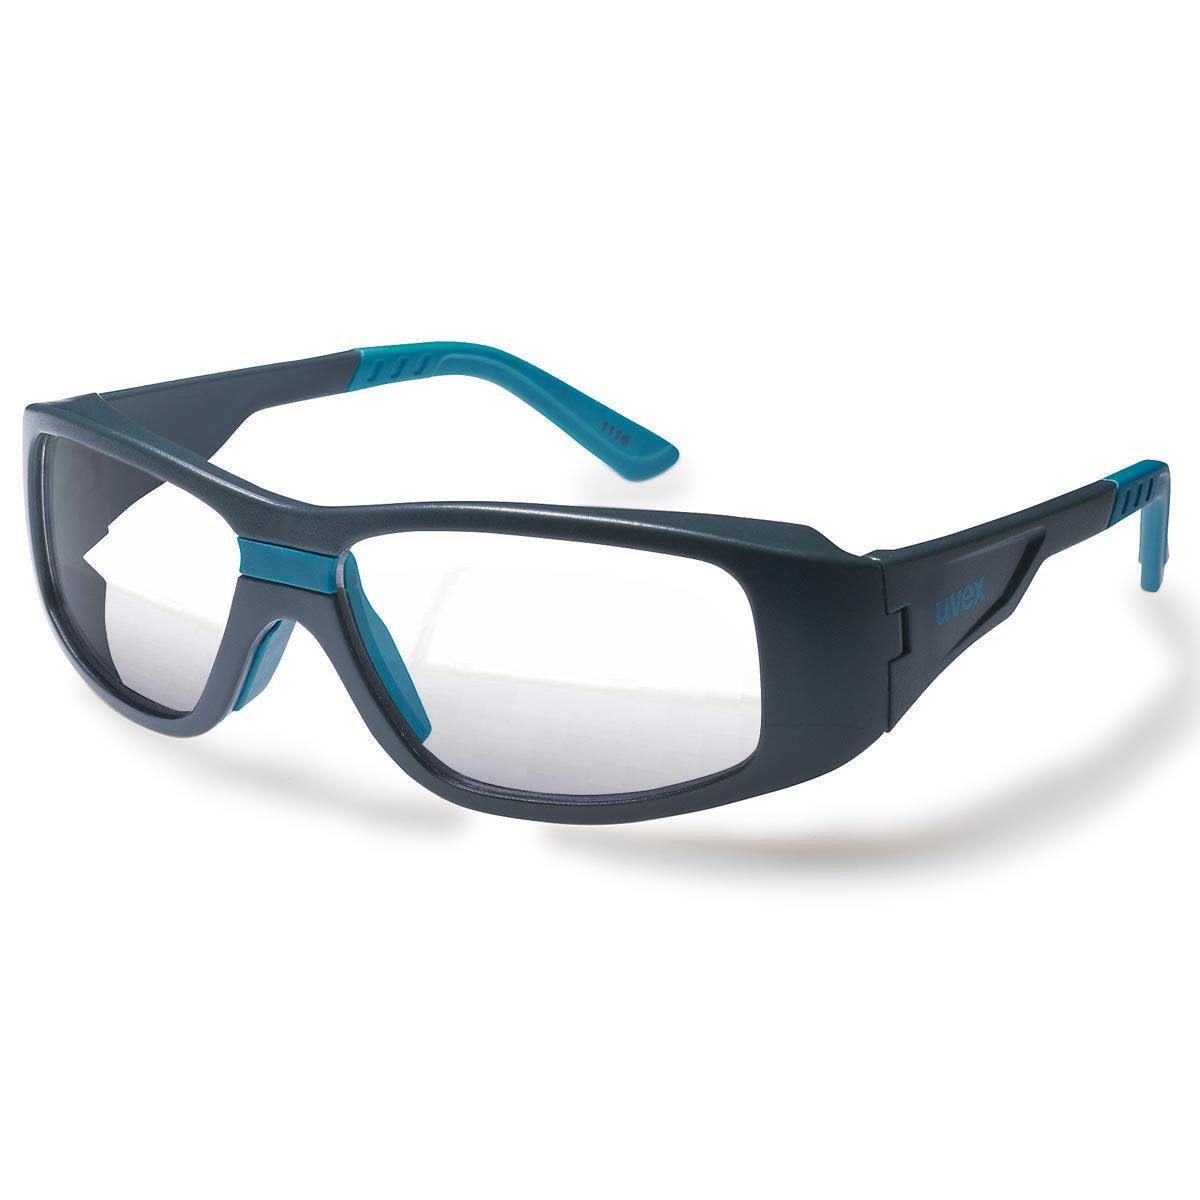 Carhartt bril diverse kleuren - UV blue protect